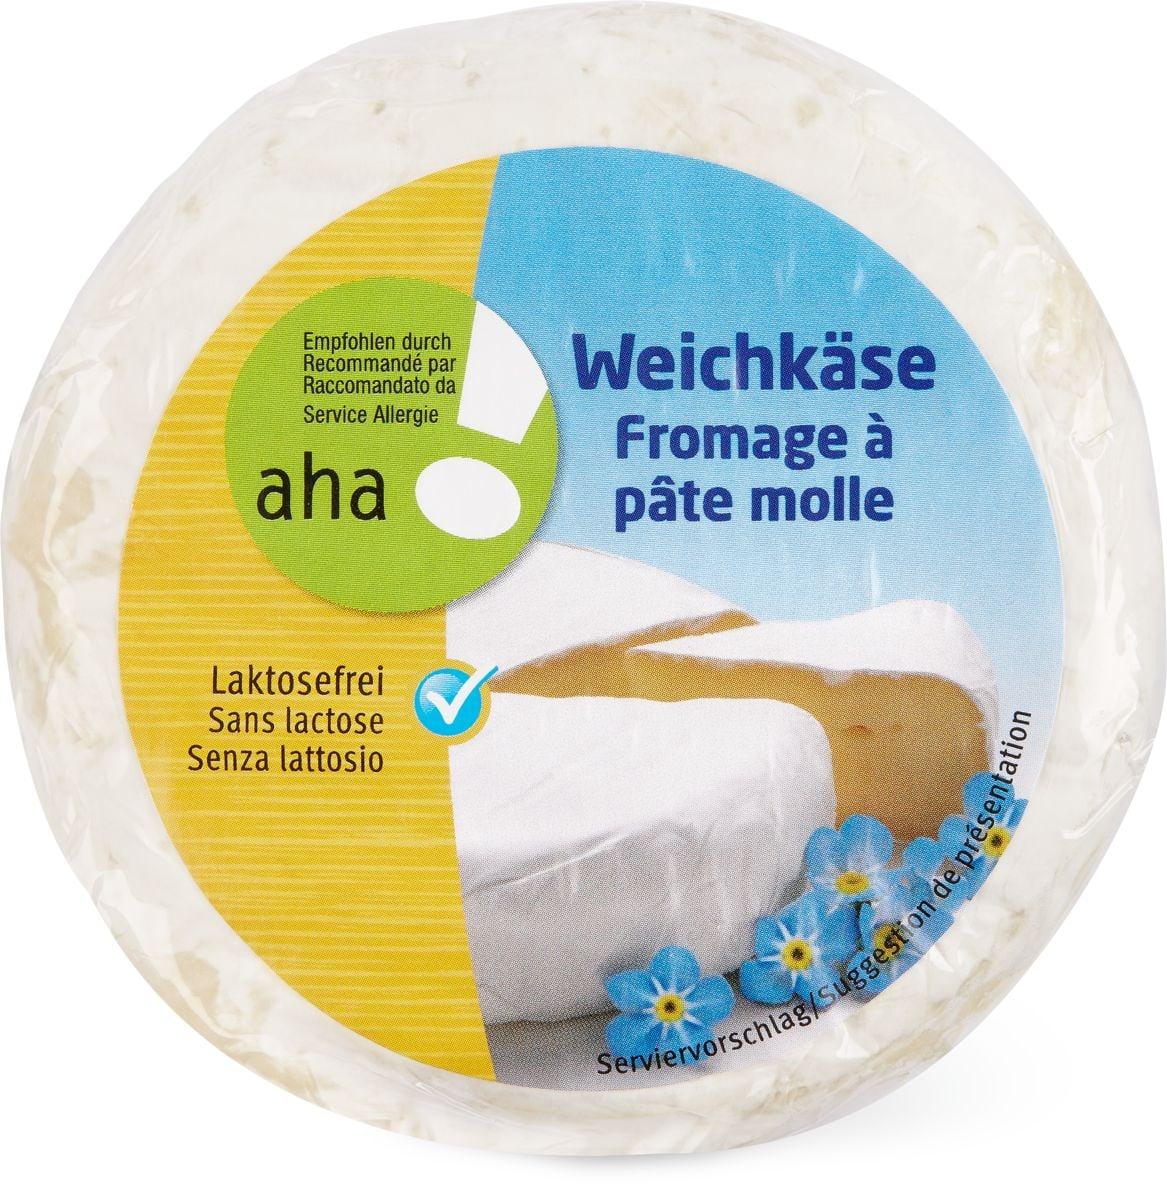 Fromage à pâte molle aha!